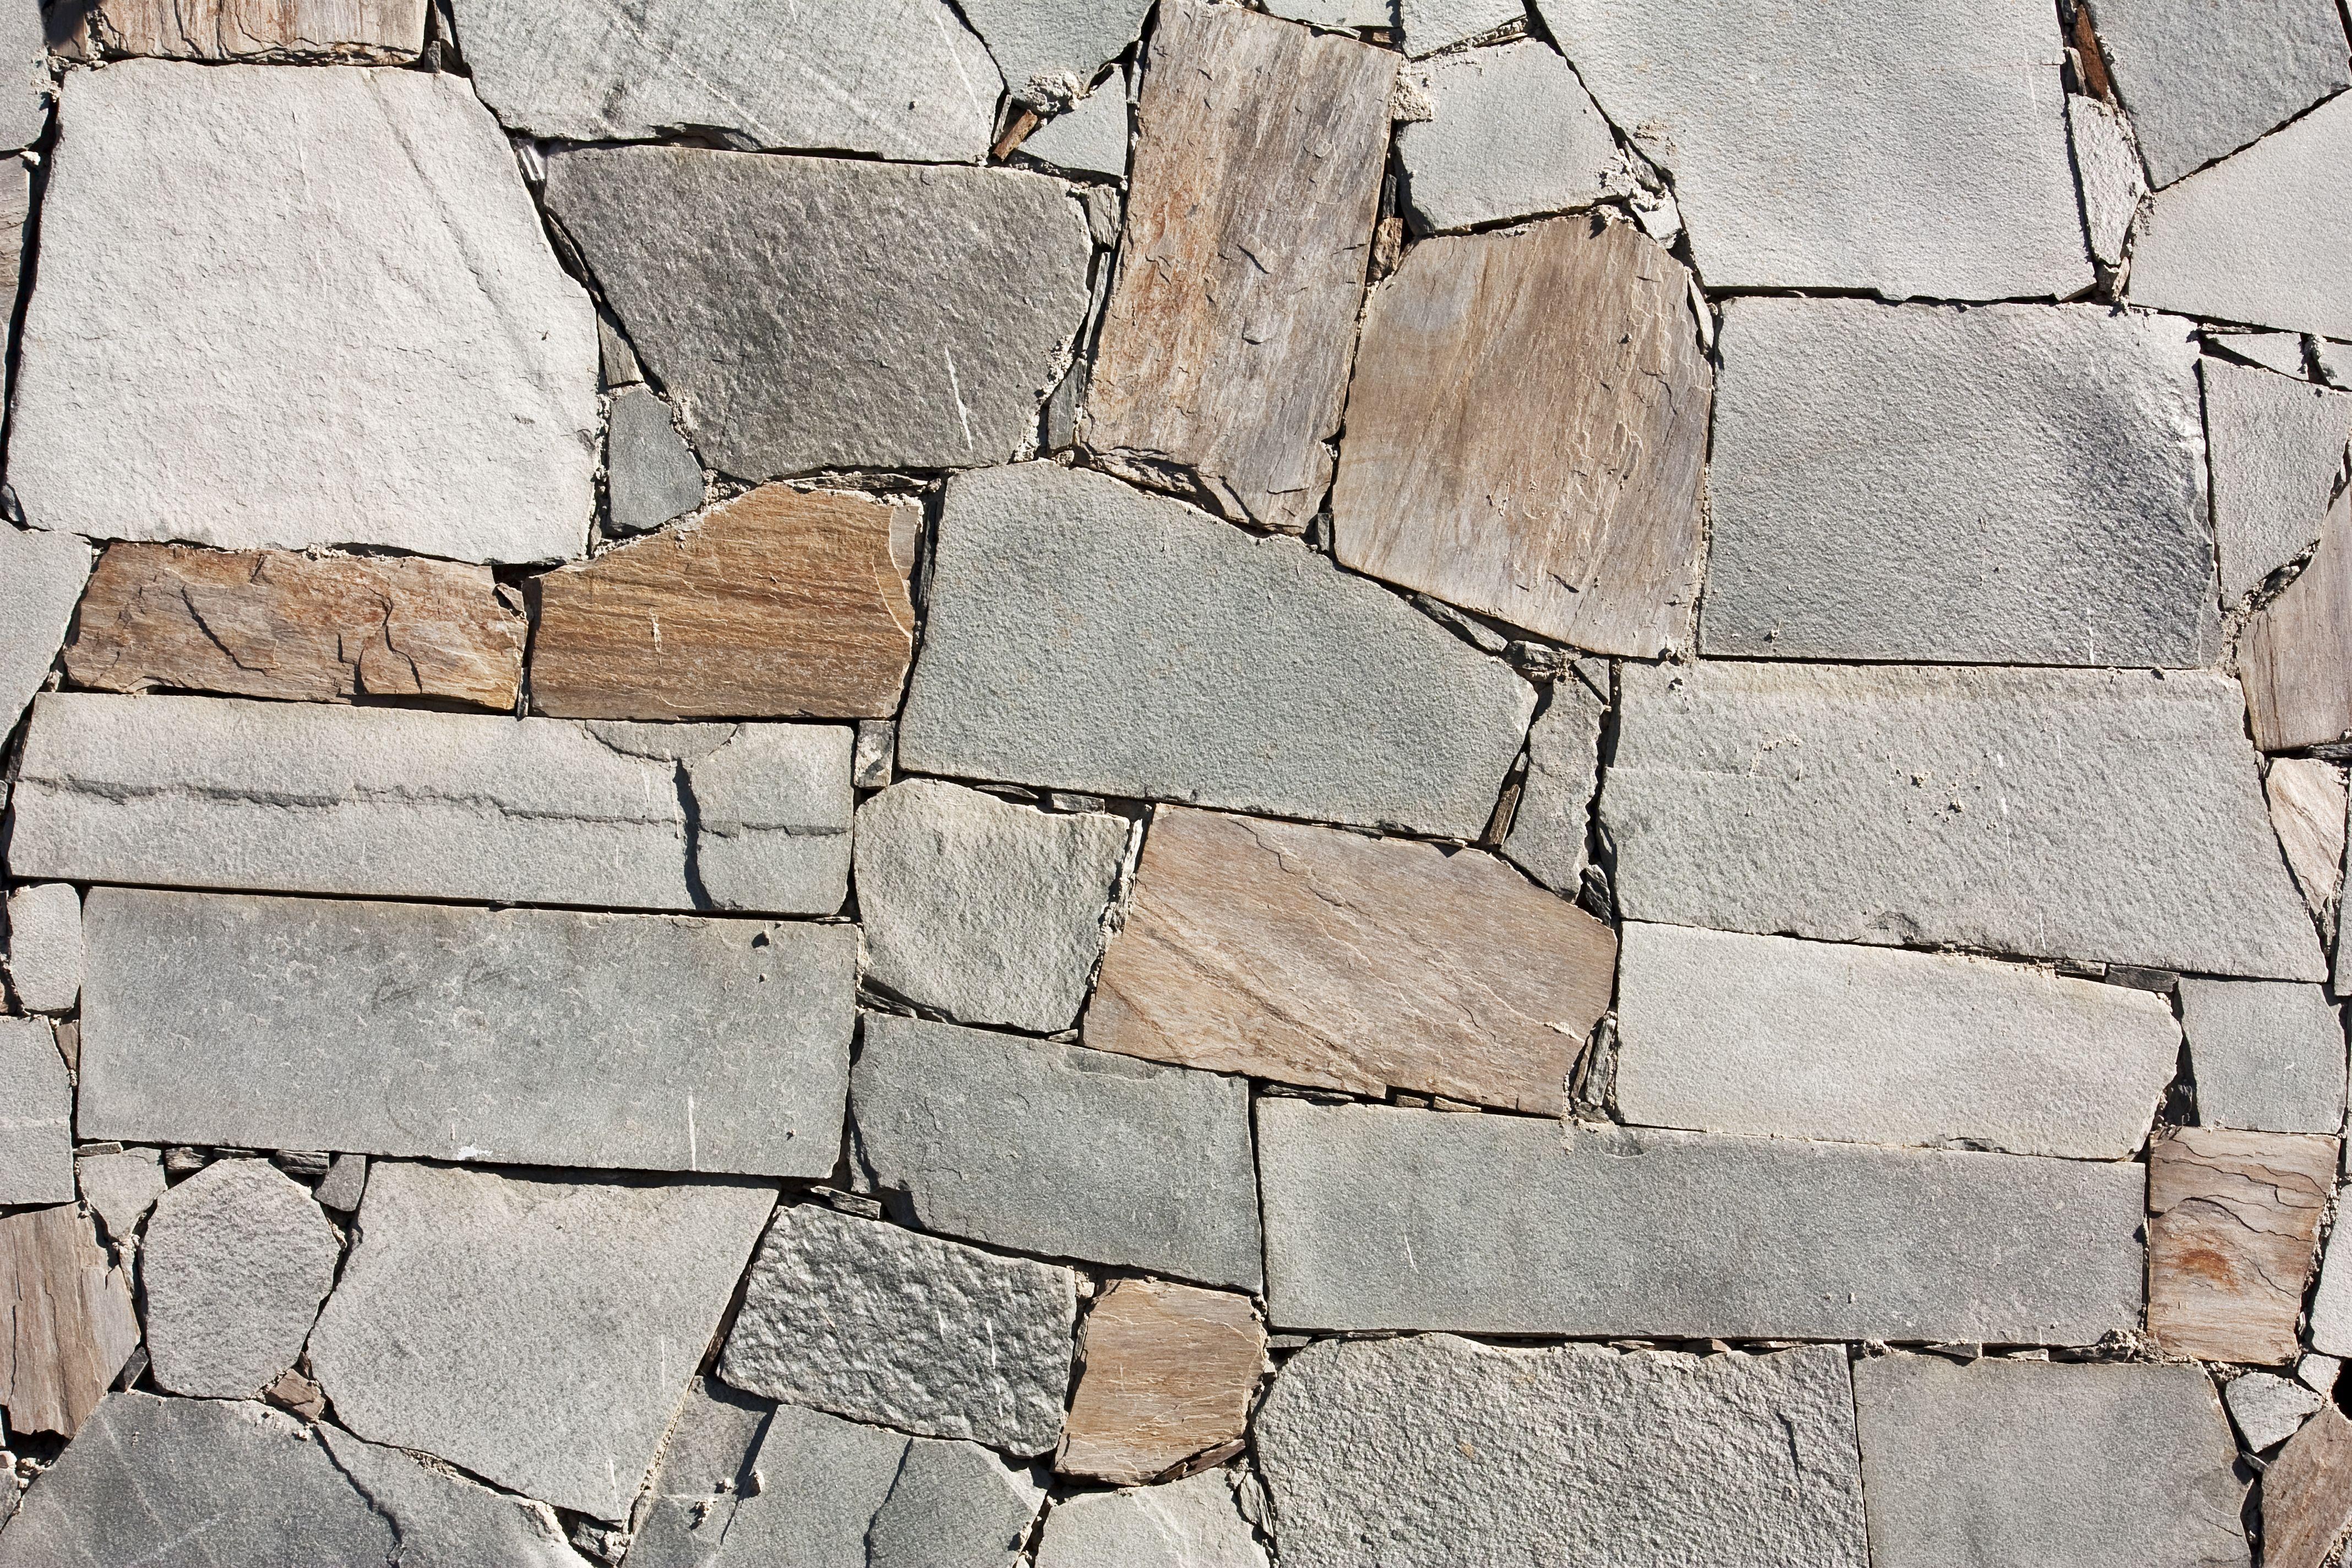 Chorreado de piedra. Rejuntado de piedra con maquinaria: Servicios de Construcciones J. Ares López